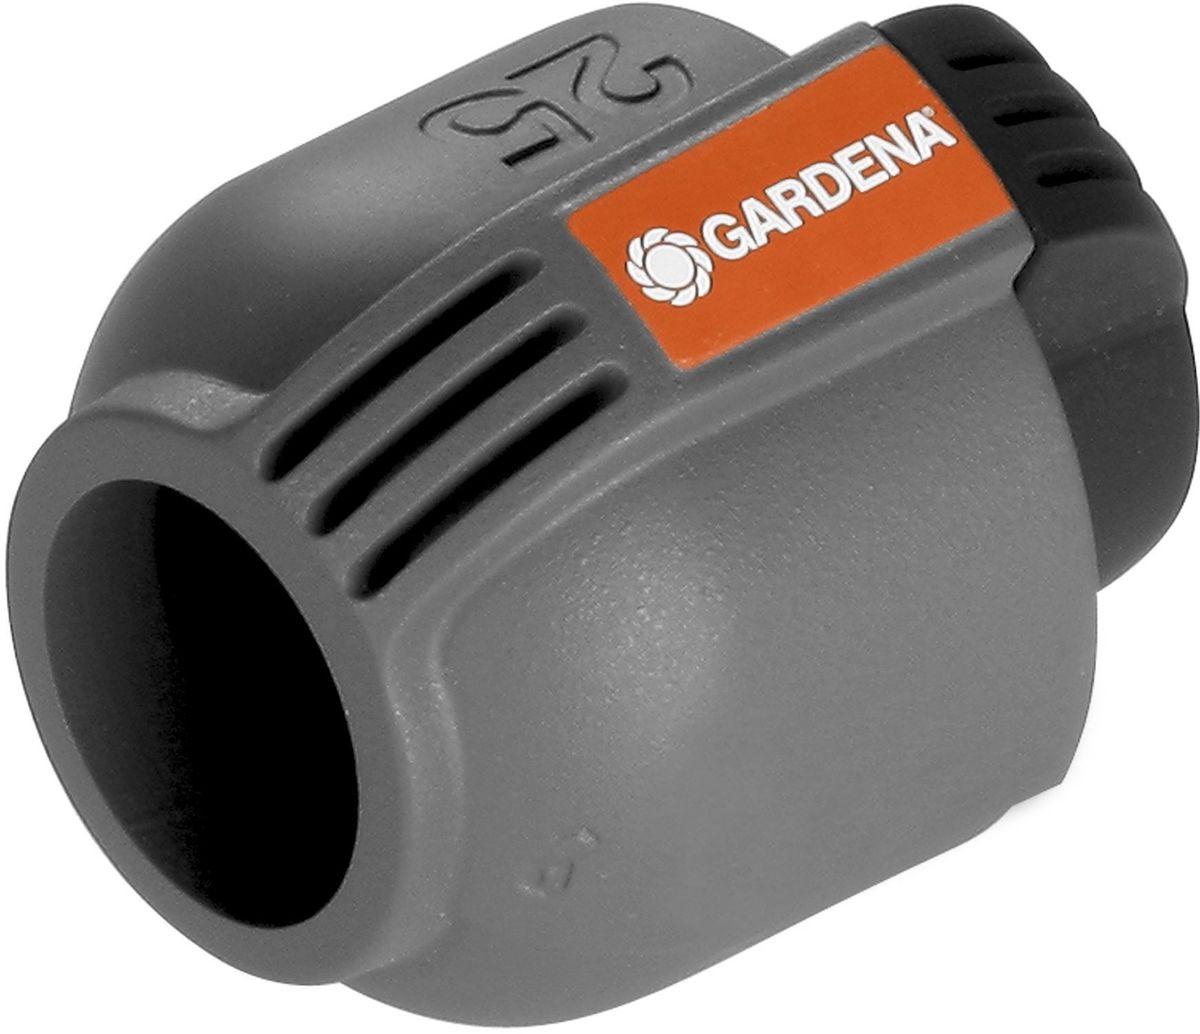 Заглушка Gardena, 25 мм02778-20.000.00Пластиковая заглушка Gardena, входящая в систему дождевания Gardena Sprinklersystem, предназначена для безопасного замыкания подающего шланга. Благодаря запатентованной технологии простого соединения Quick & Easy, соединение/разъединение труб осуществляется без инструментов, простым поворотом резьбового фитинга на 140°.